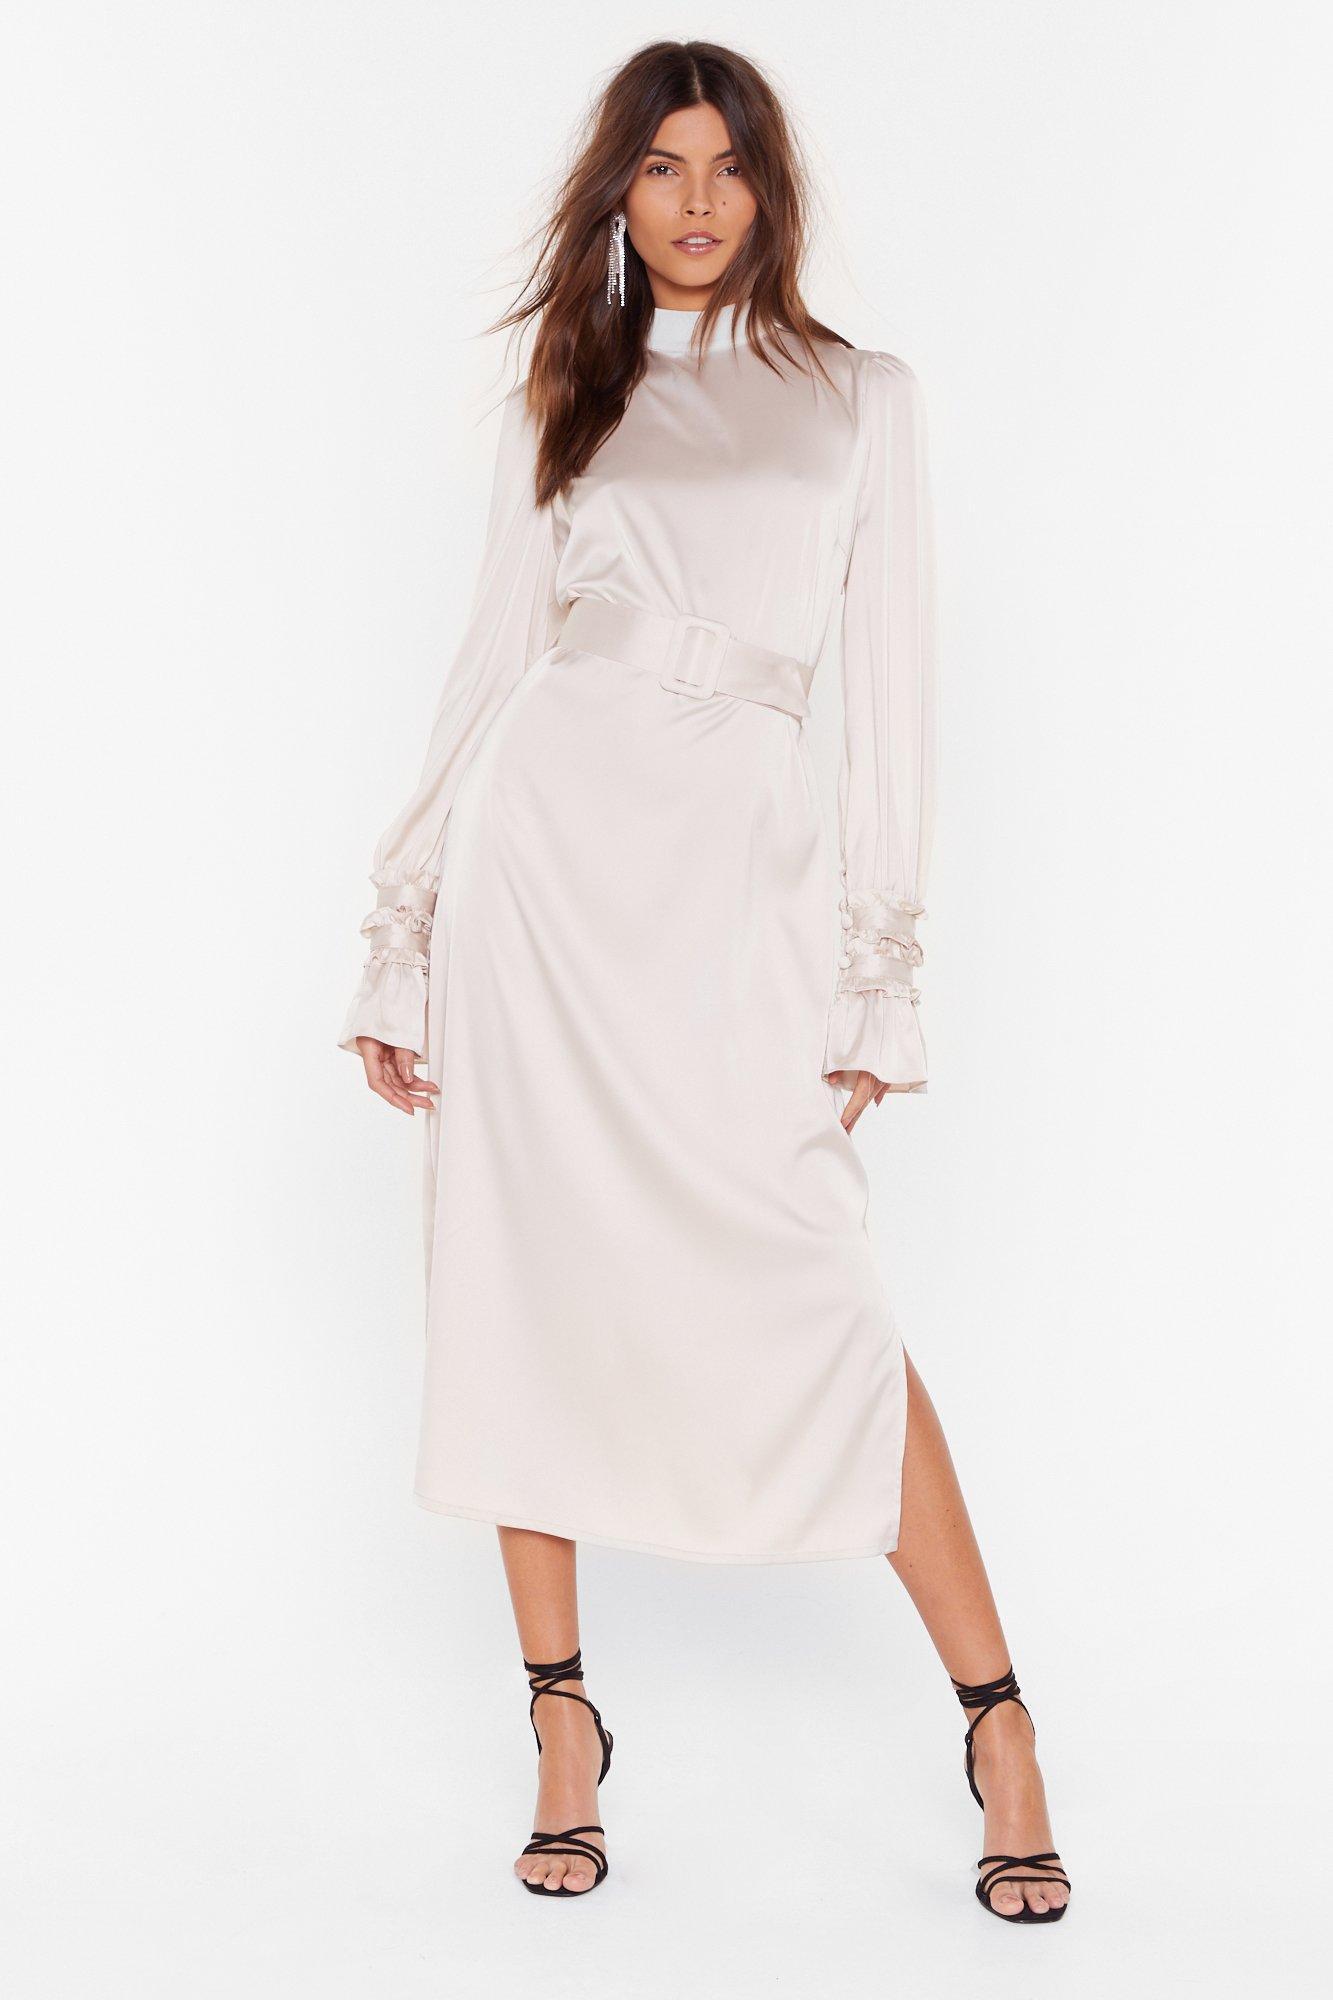 Image of Found Our Sleek Spot Satin Midi Dress